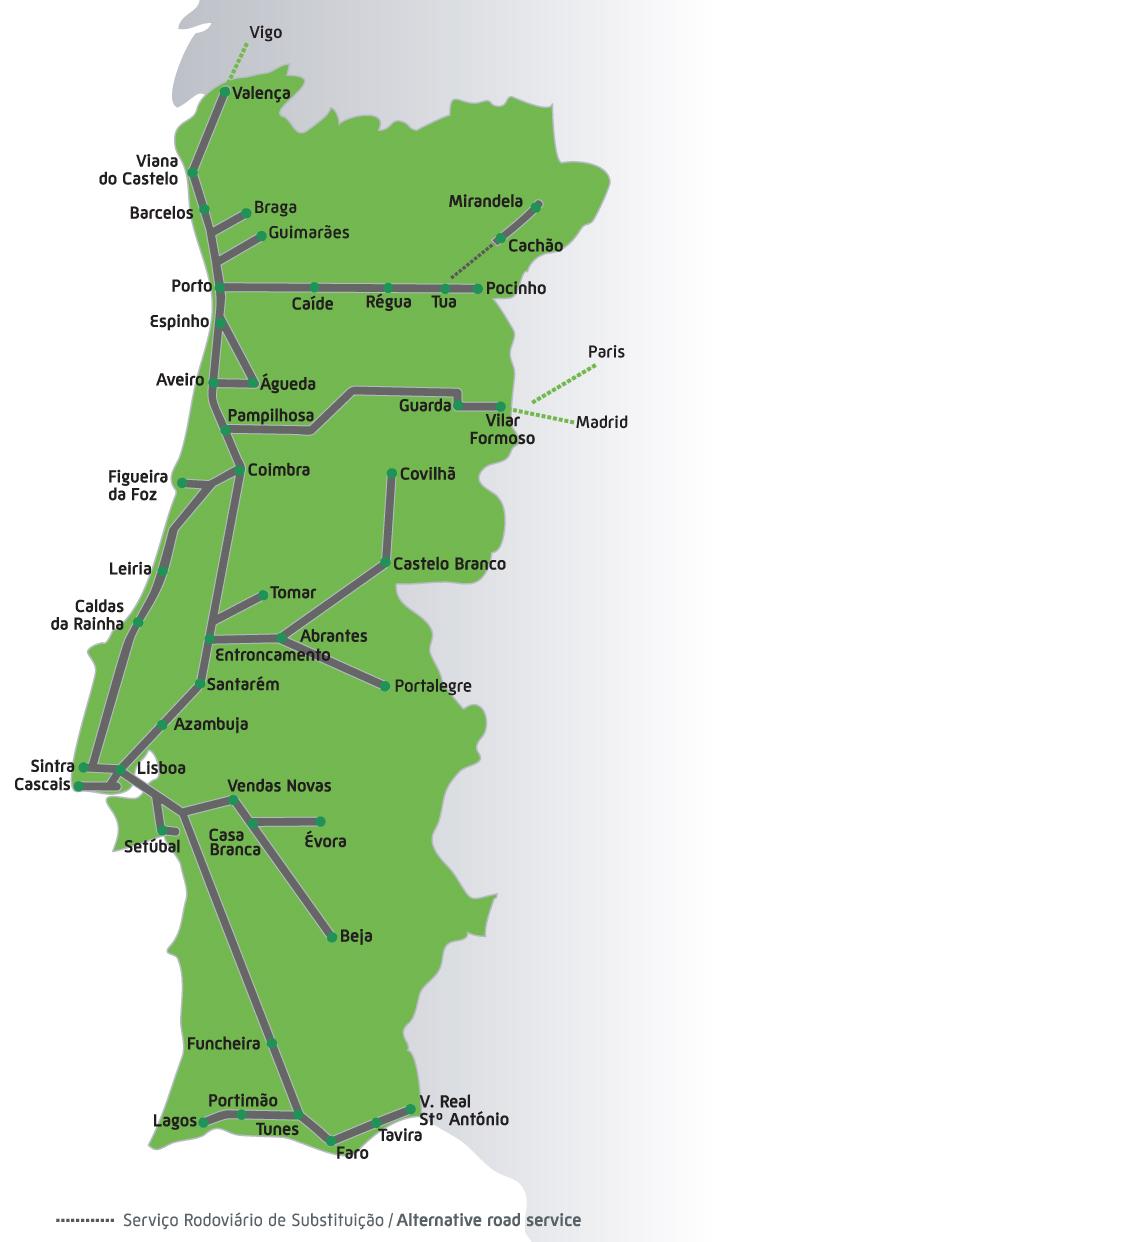 Mapa dos Comboios (Trens) de Portugal